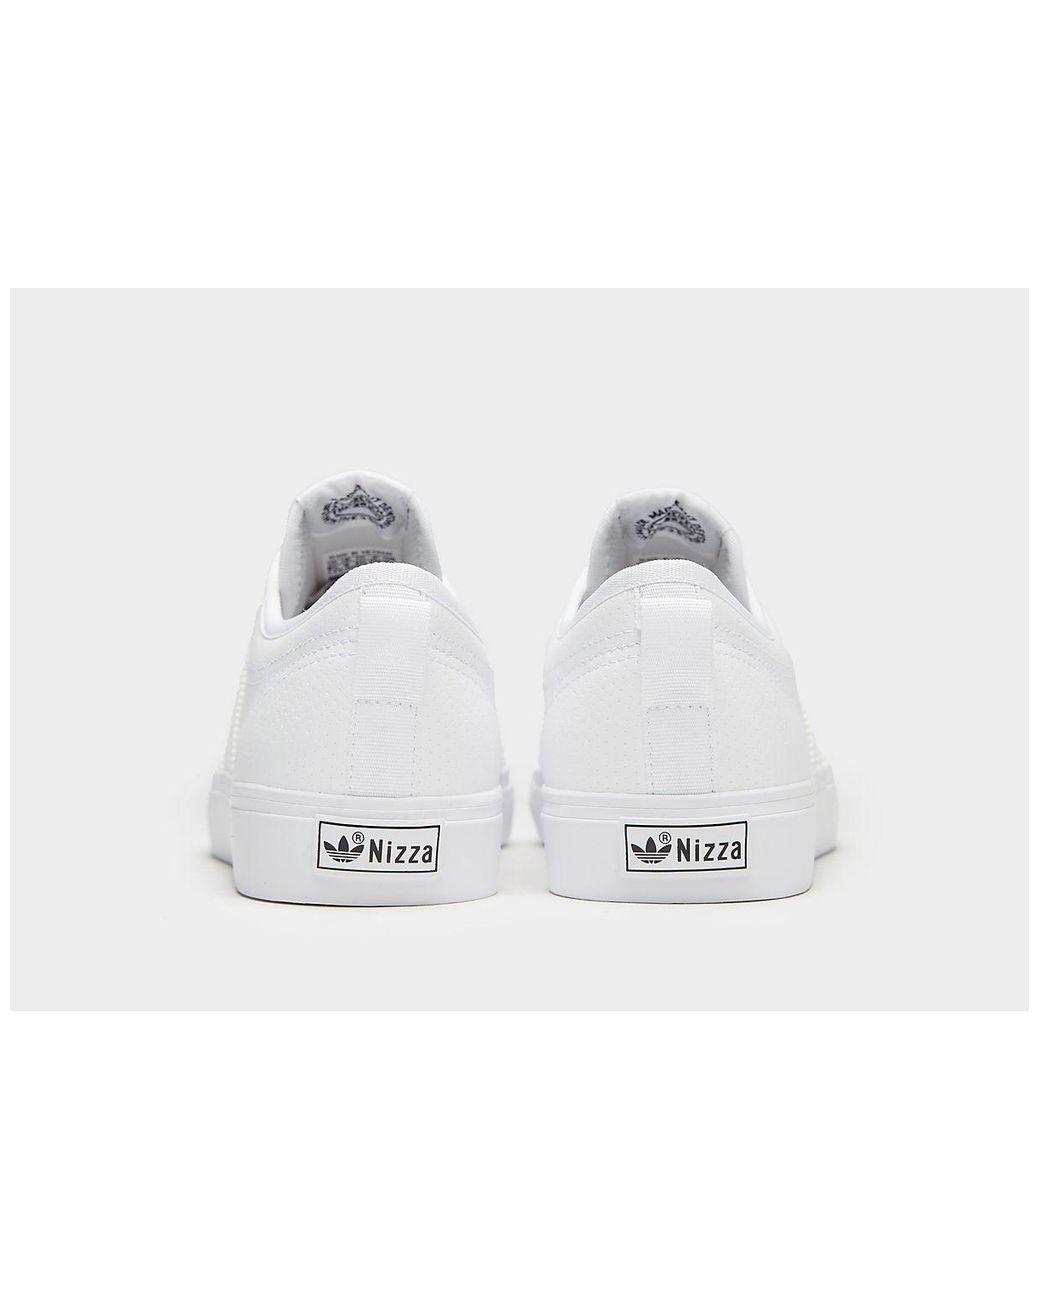 Nizza Lo adidas Originals pour homme en coloris Blanc - Lyst